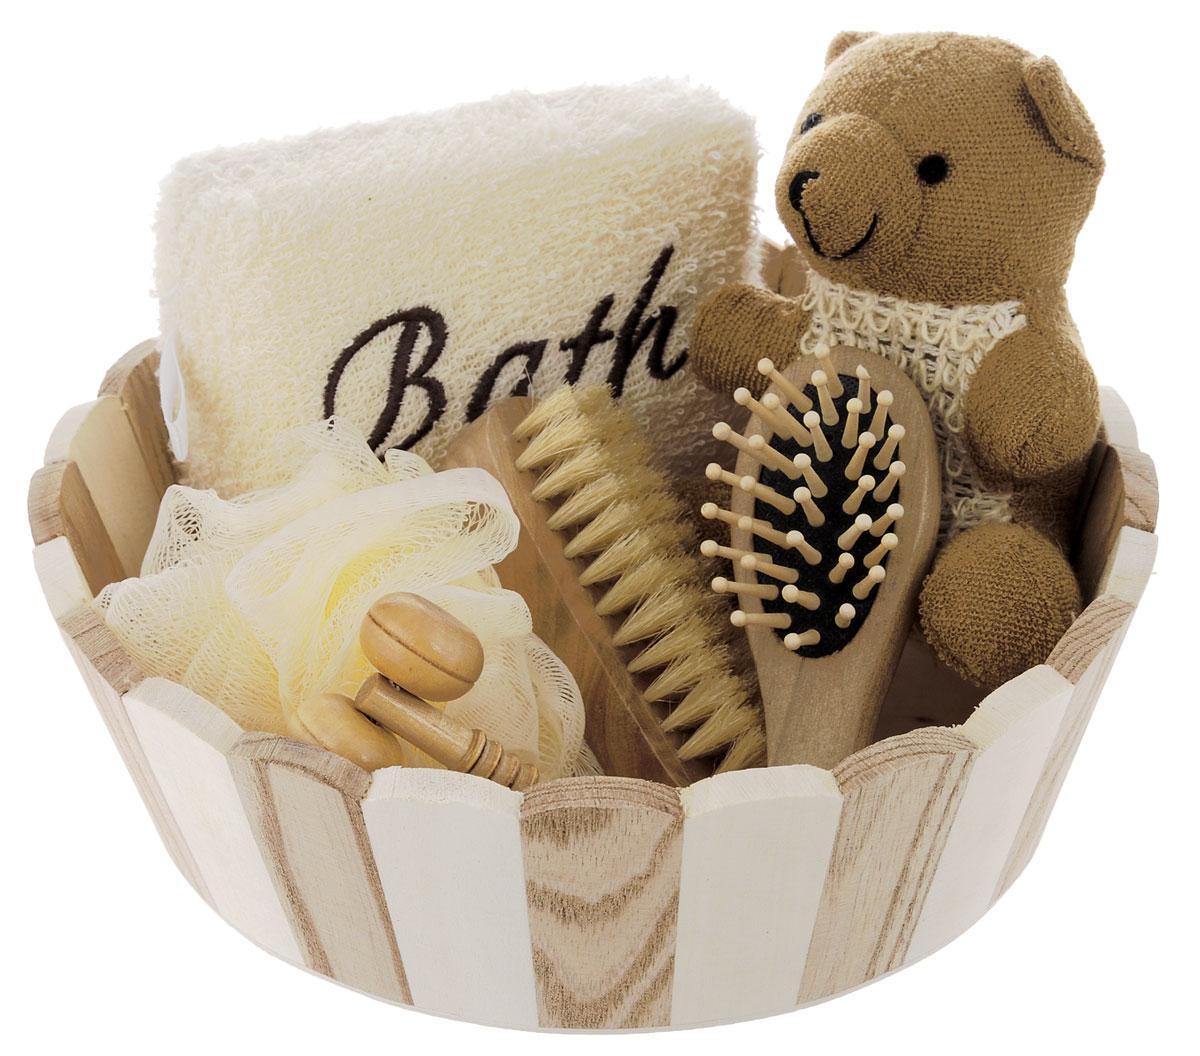 Набор для ванной и бани Феникс-презент Мишка, 7 предметов40637Набор для ванной и бани Феникс-презент Мишка включает: - массажный ролик из древесины павловнии, - мочалка для купания из сизаля, - мочалка для купания из сизаля и полиэстера, - расческа из древесины павловнии, - мочалка для купания из полиэтилена, - щетка для тела со свинцовой щетиной, - лохань из древесины тополя. Такой мини-набор пригодится в любой бане и сделает банную процедуру еще более комфортной и расслабляющей. Размер массажного ролика: 11 х 4 х 2,5 см. Диаметр мочалки: 11 см. Размер расчески: 12 х 4 х 3 см. Размер мочалки из сизаля: 10 х 7 х 14, Размер мочалка из сизаля и полиэстера: 12 х 9 х 5 см, Размер щетки со свинцовой щетиной: 10 х 4 х 3,5 см, Размер лохани: 22 х 22 х 6,5 см.